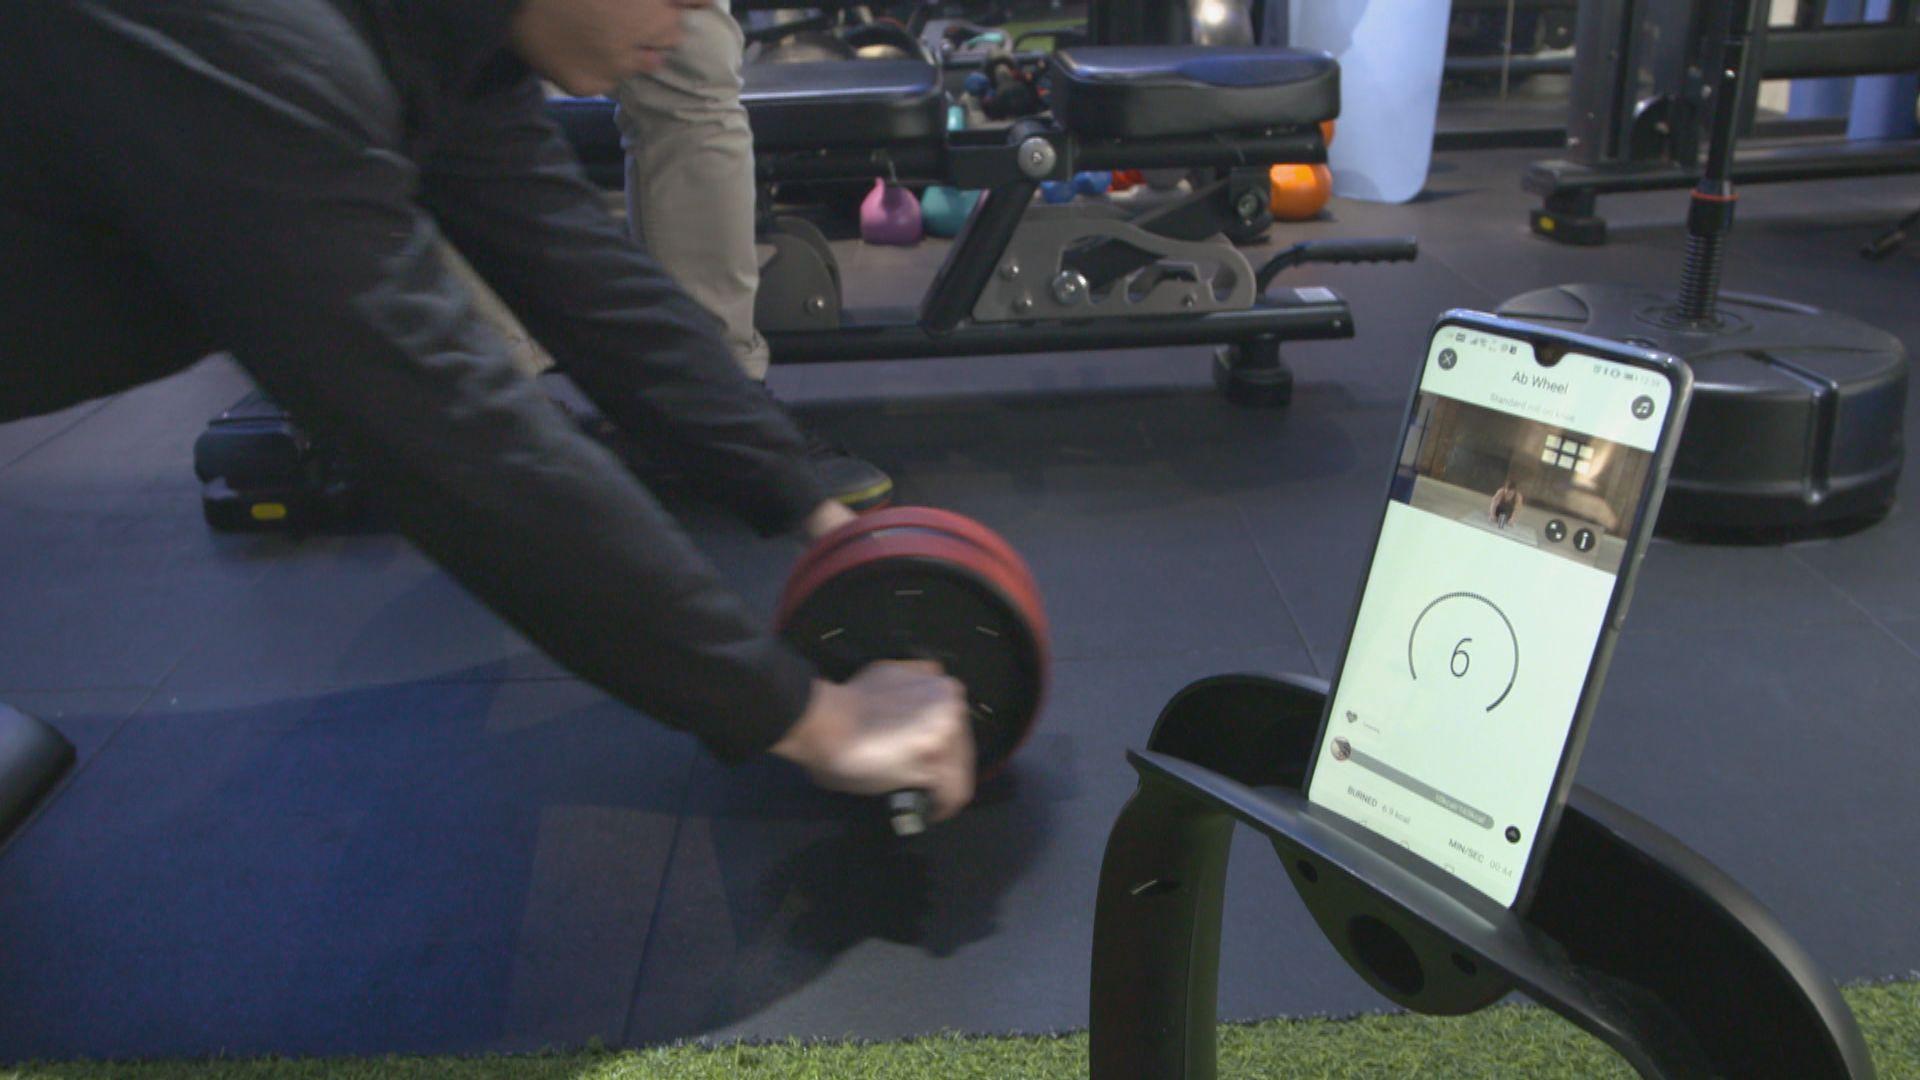 【潮玩科技】創科新動力 - 智能運動好幫手